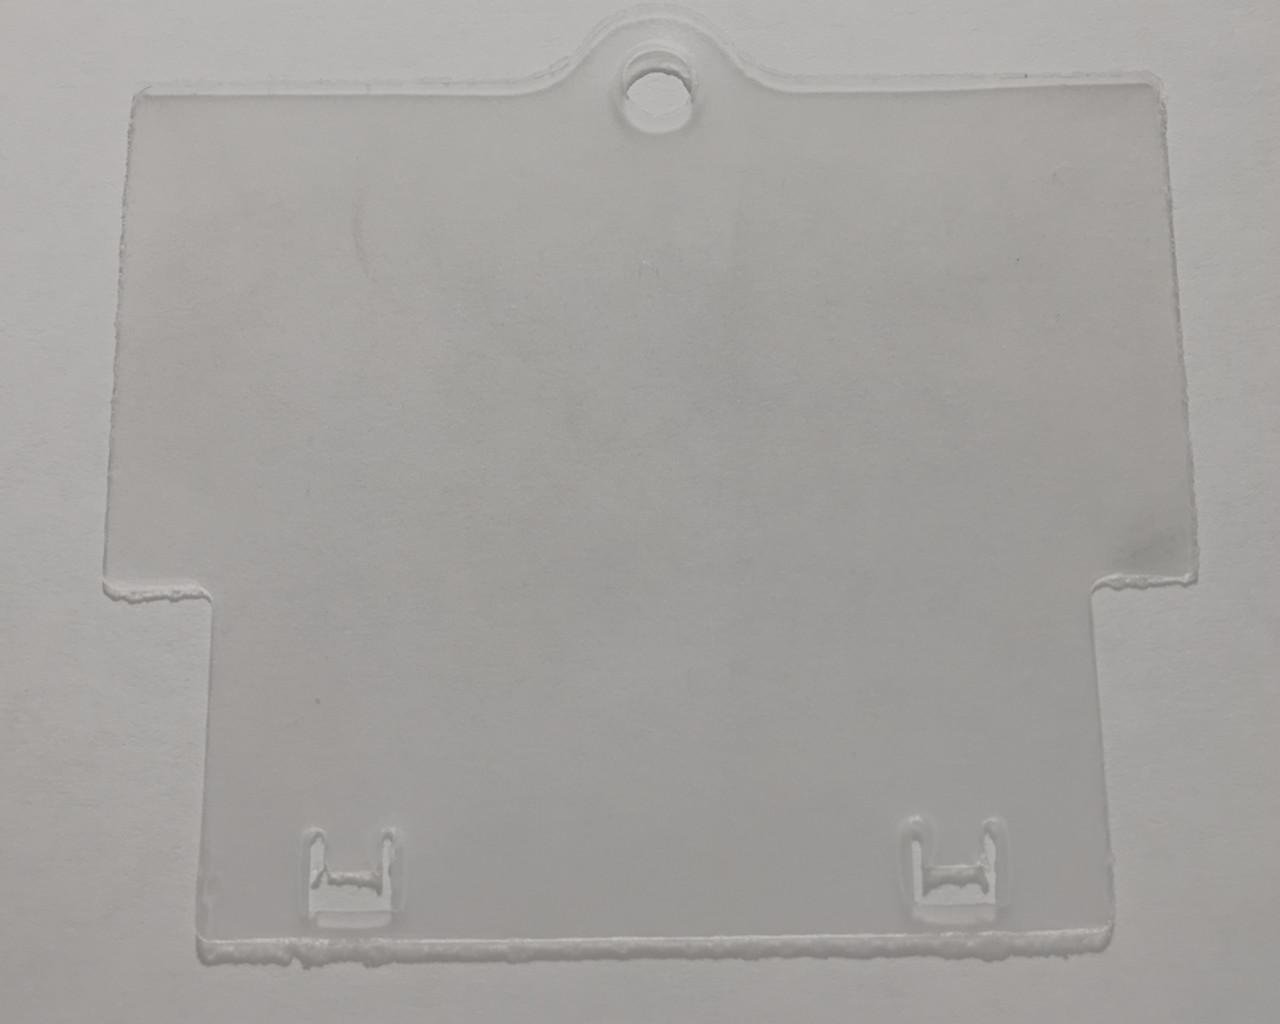 A Body Mopar Fuse Box